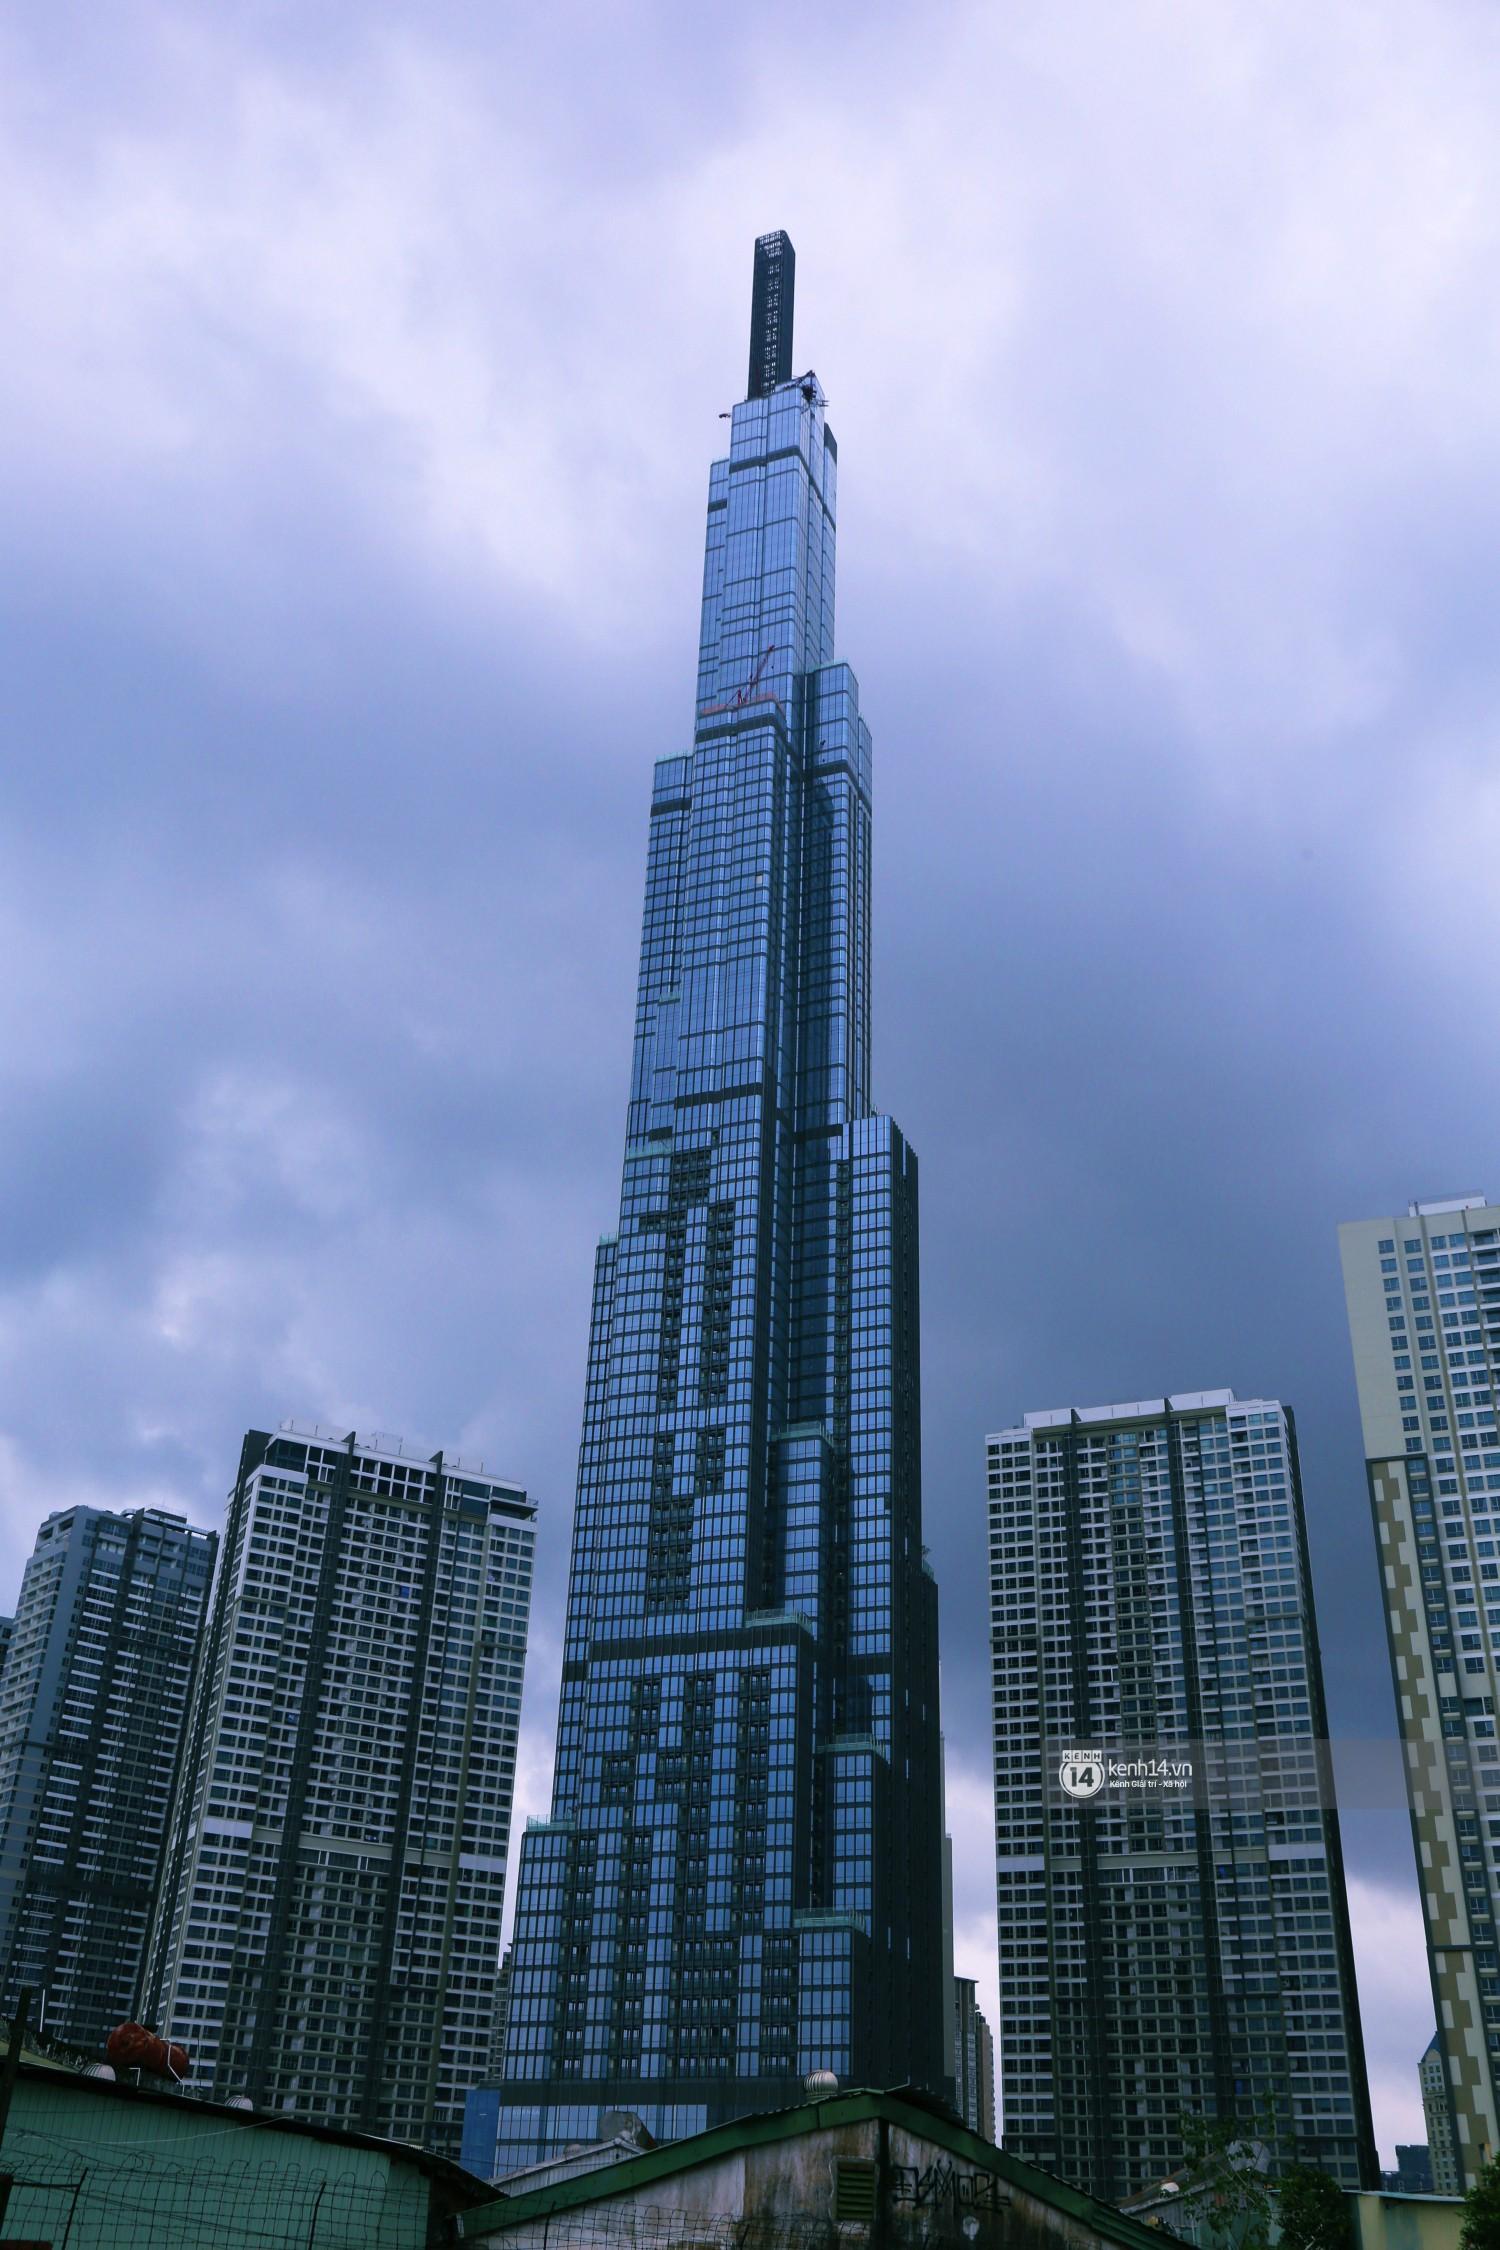 Chùm ảnh: Toàn cảnh toà nhà 81 tầng cao nhất Việt Nam trước ngày khai trương ở Sài Gòn - Ảnh 10.